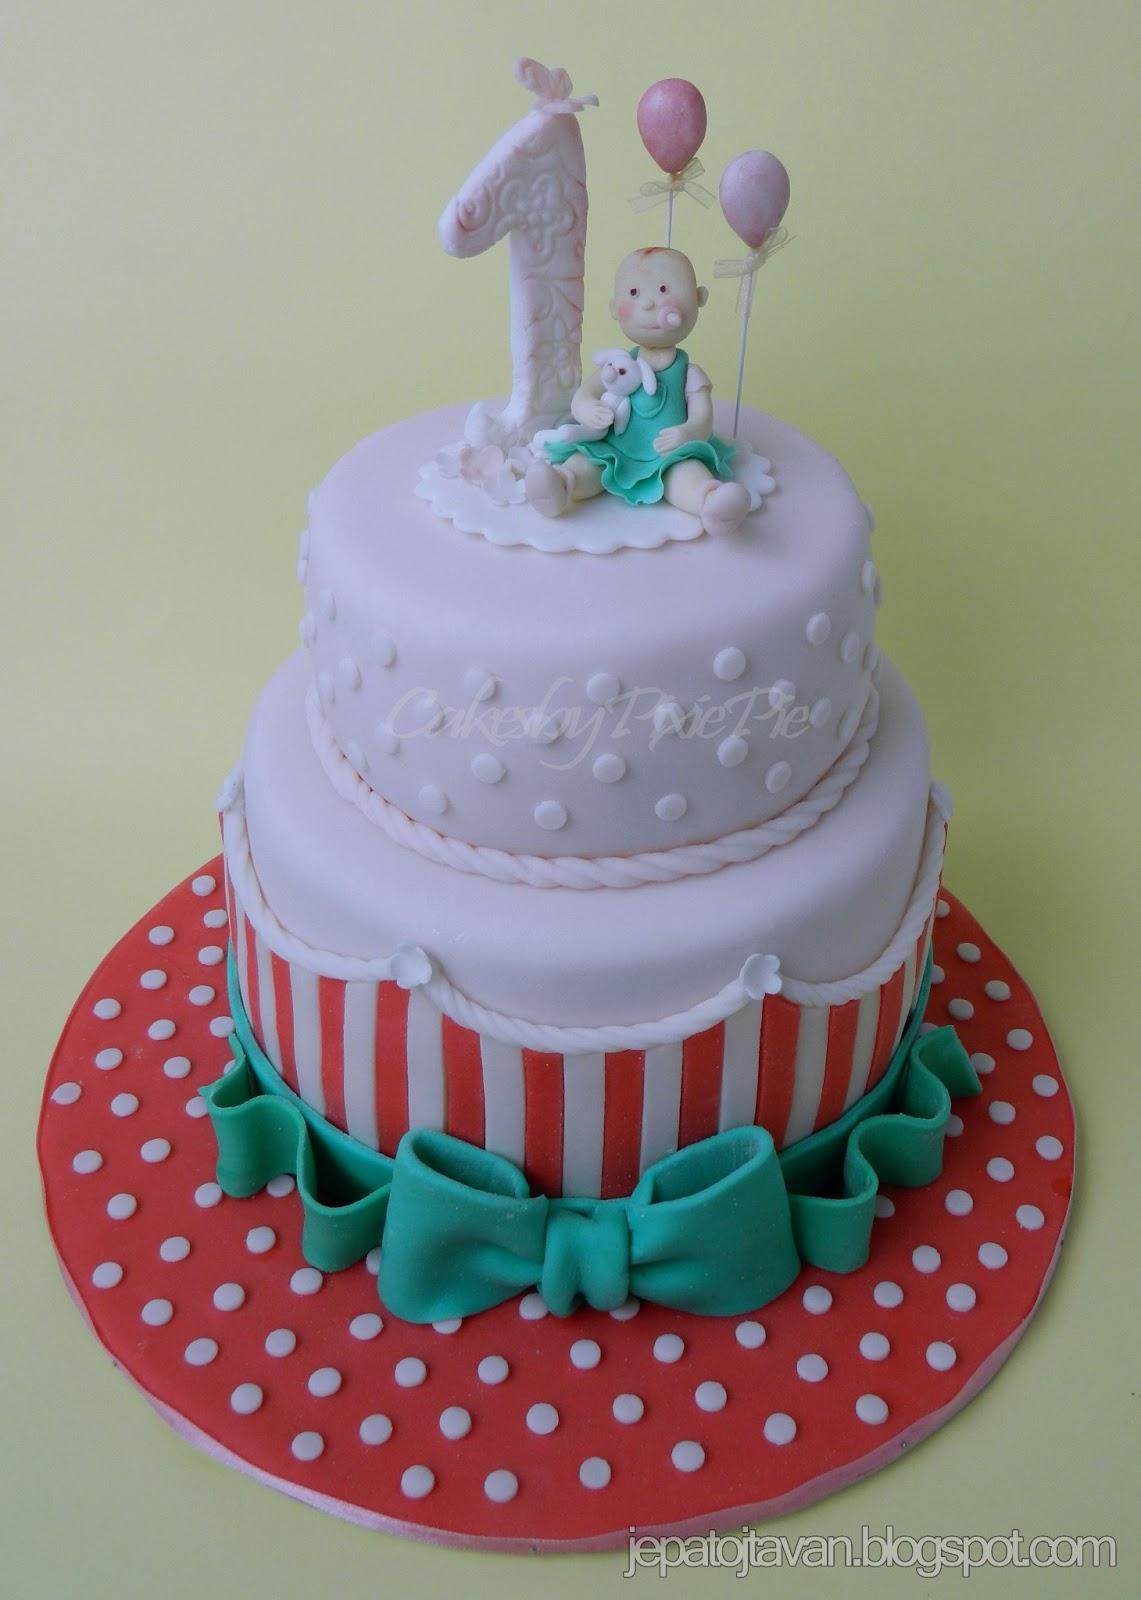 szülinapi torta babának Jépatojta van!: Torta első szülinapra liberális szellemben :) szülinapi torta babának